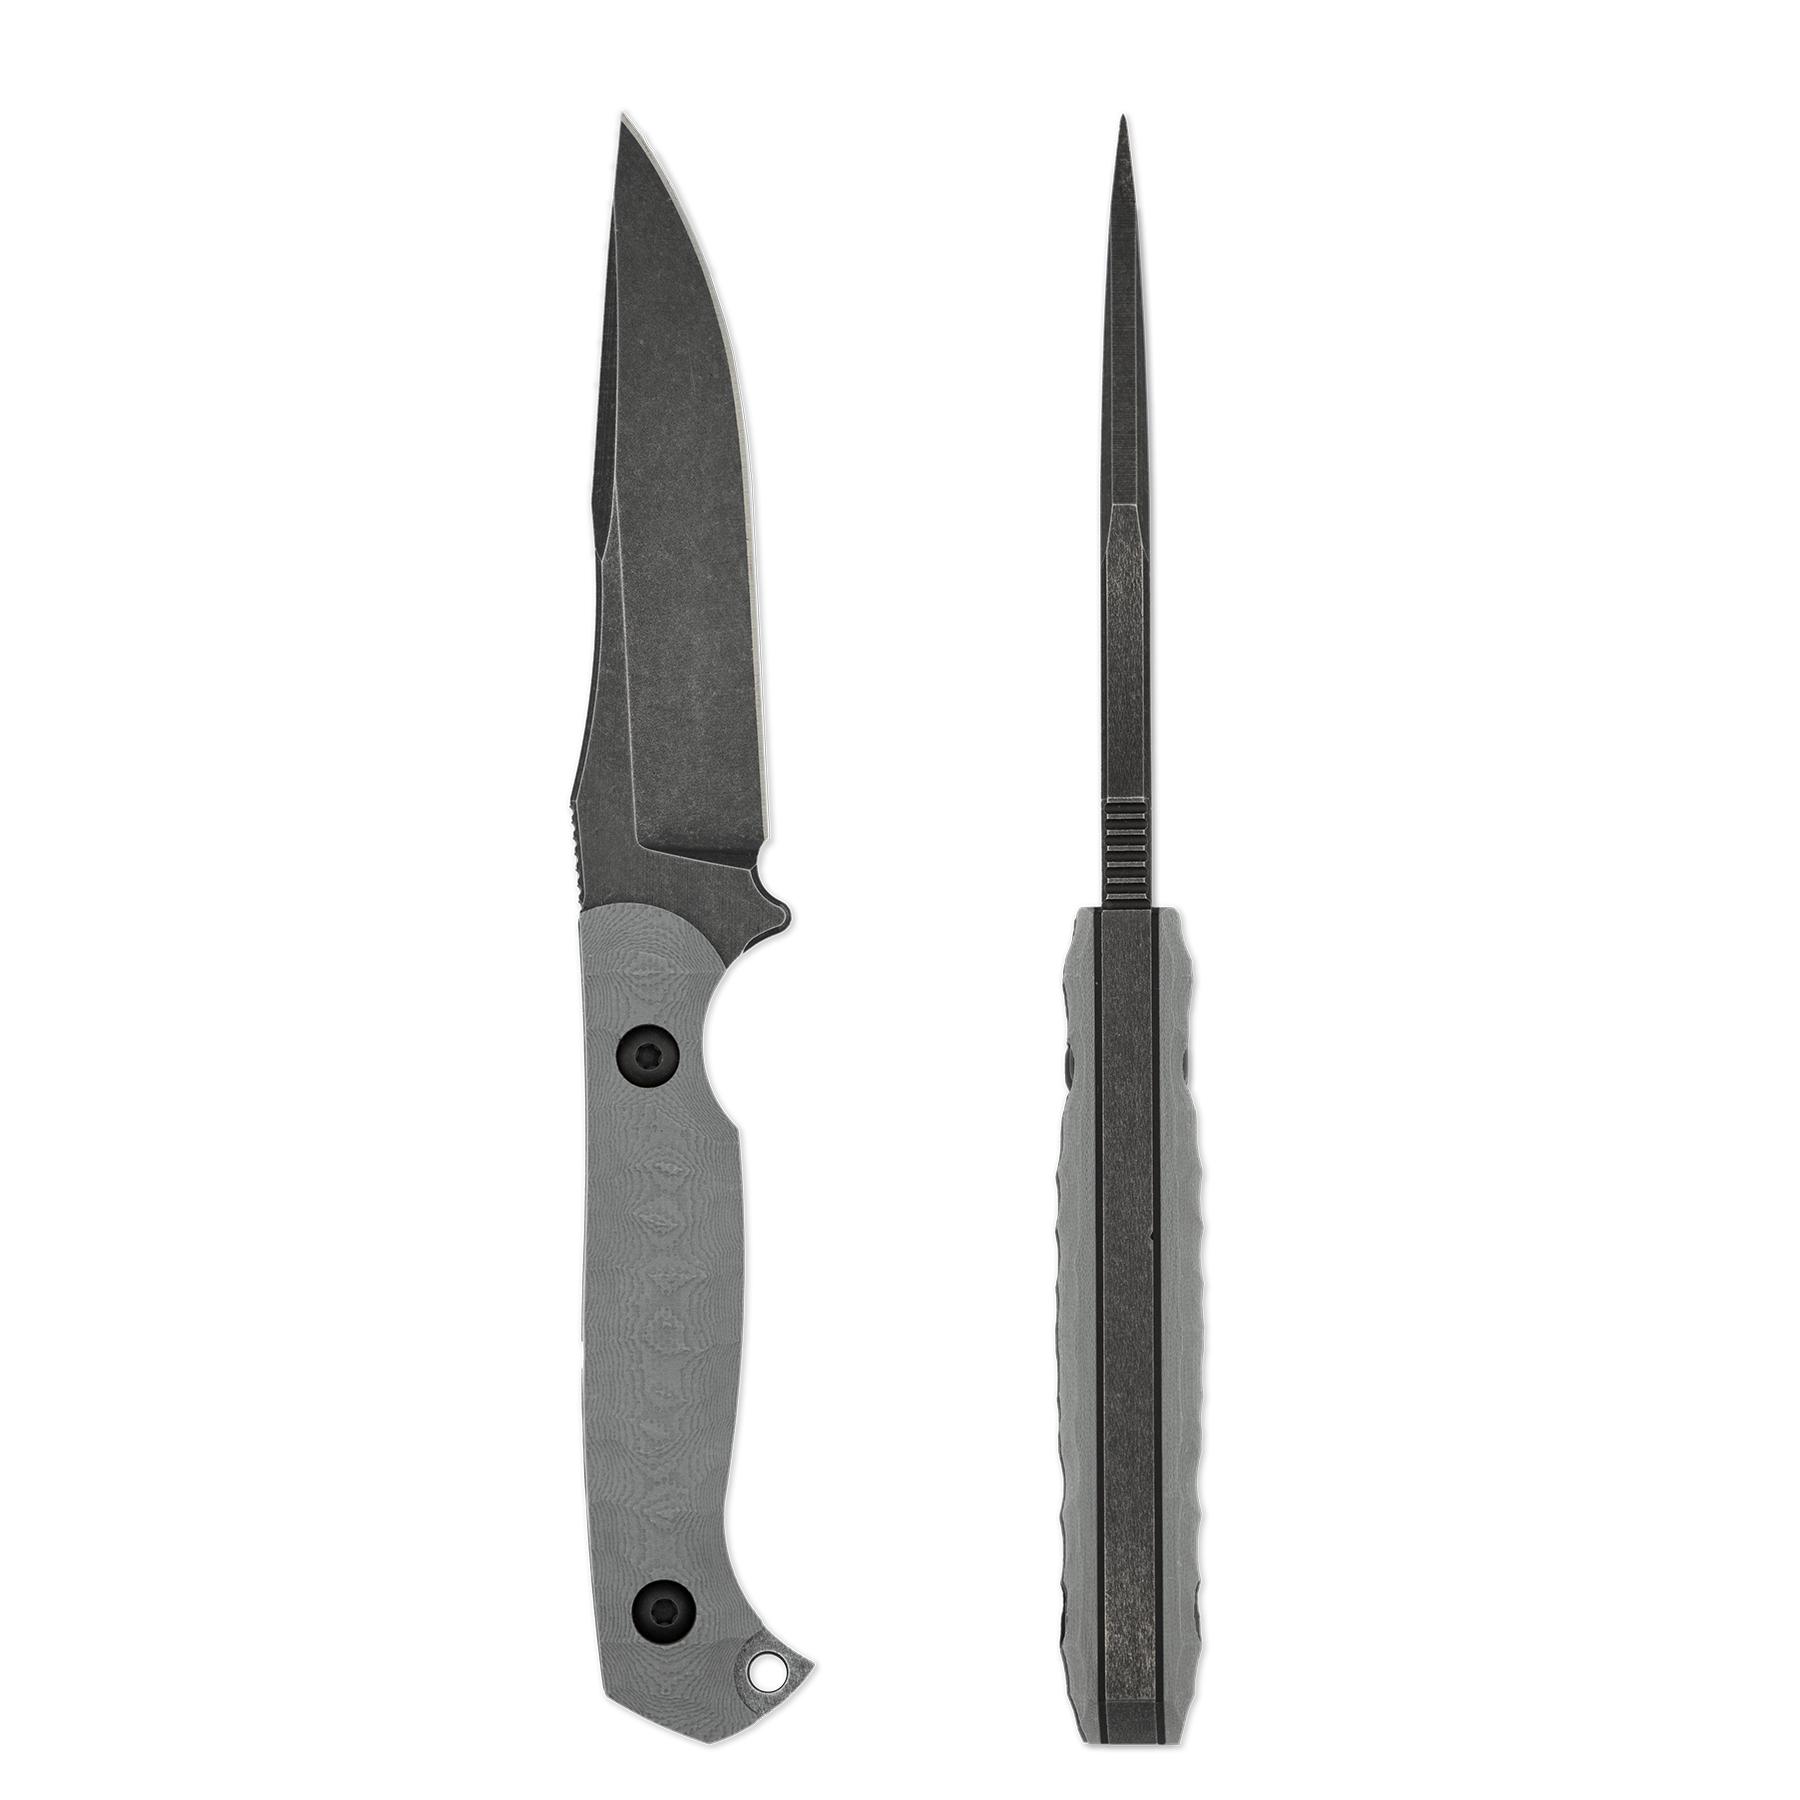 Toor Knives Krypteia - Stealth